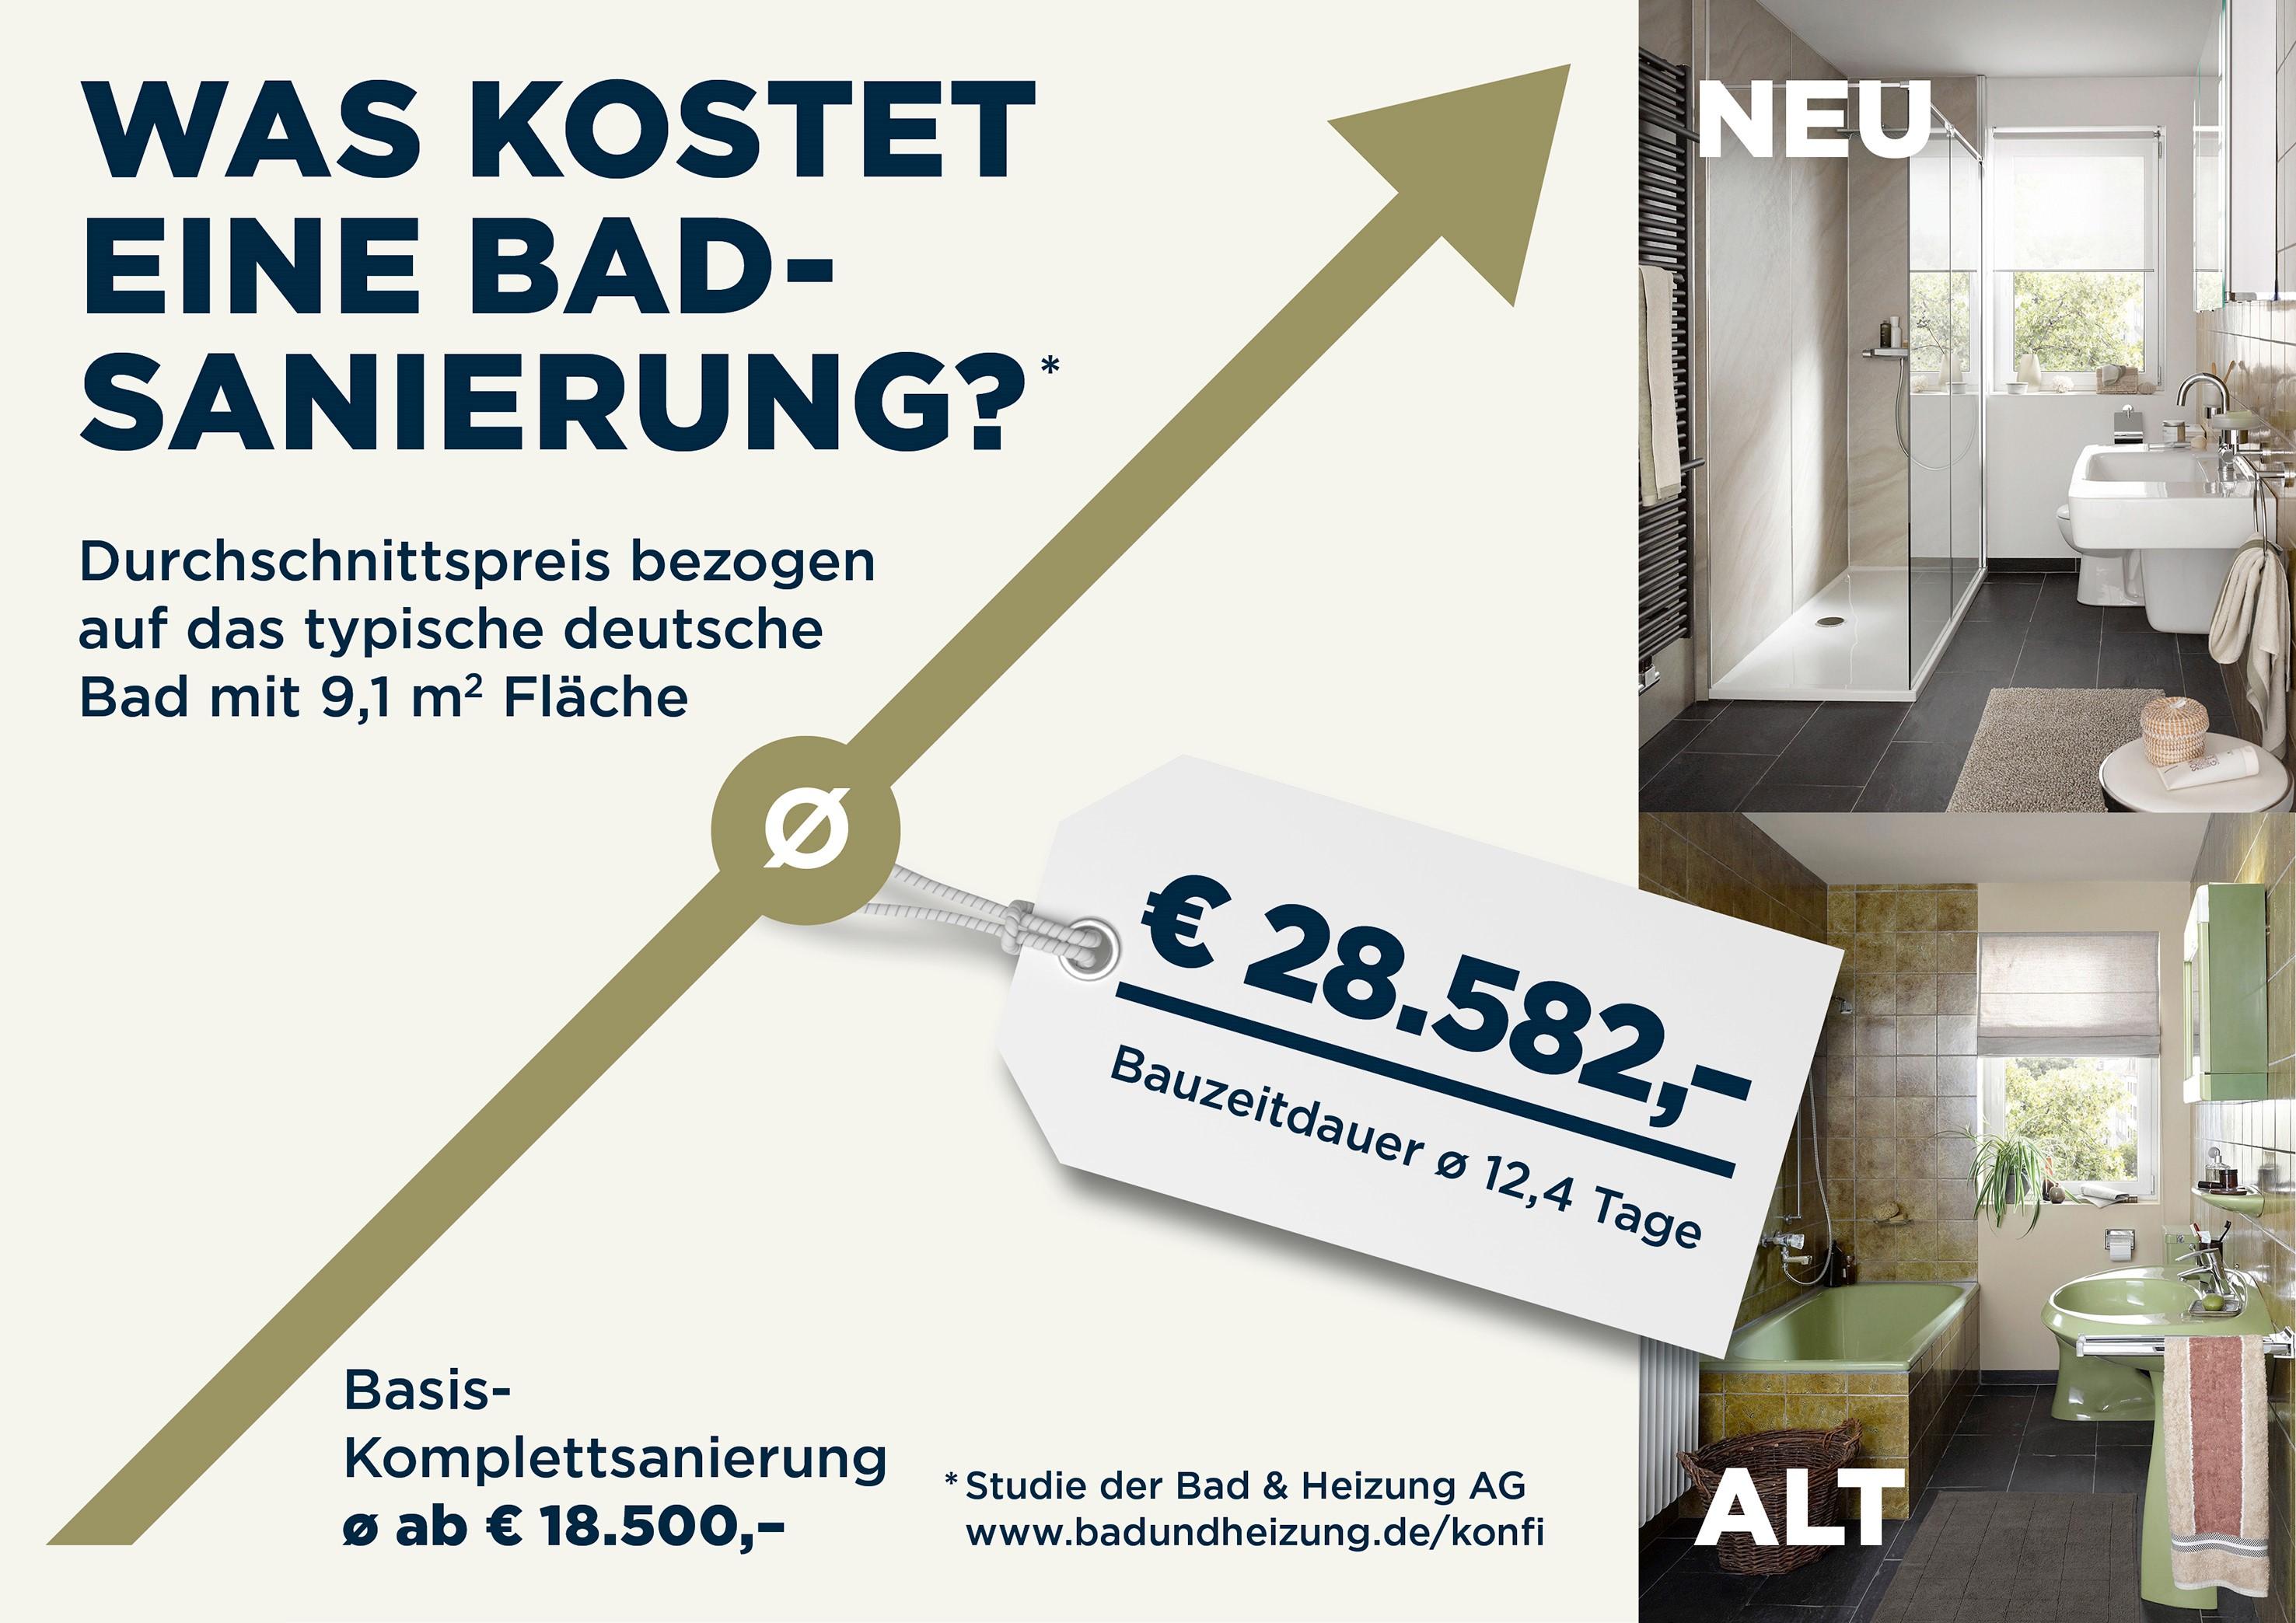 Das kostet das deutsche Durchschnitts-Bad  Haustec